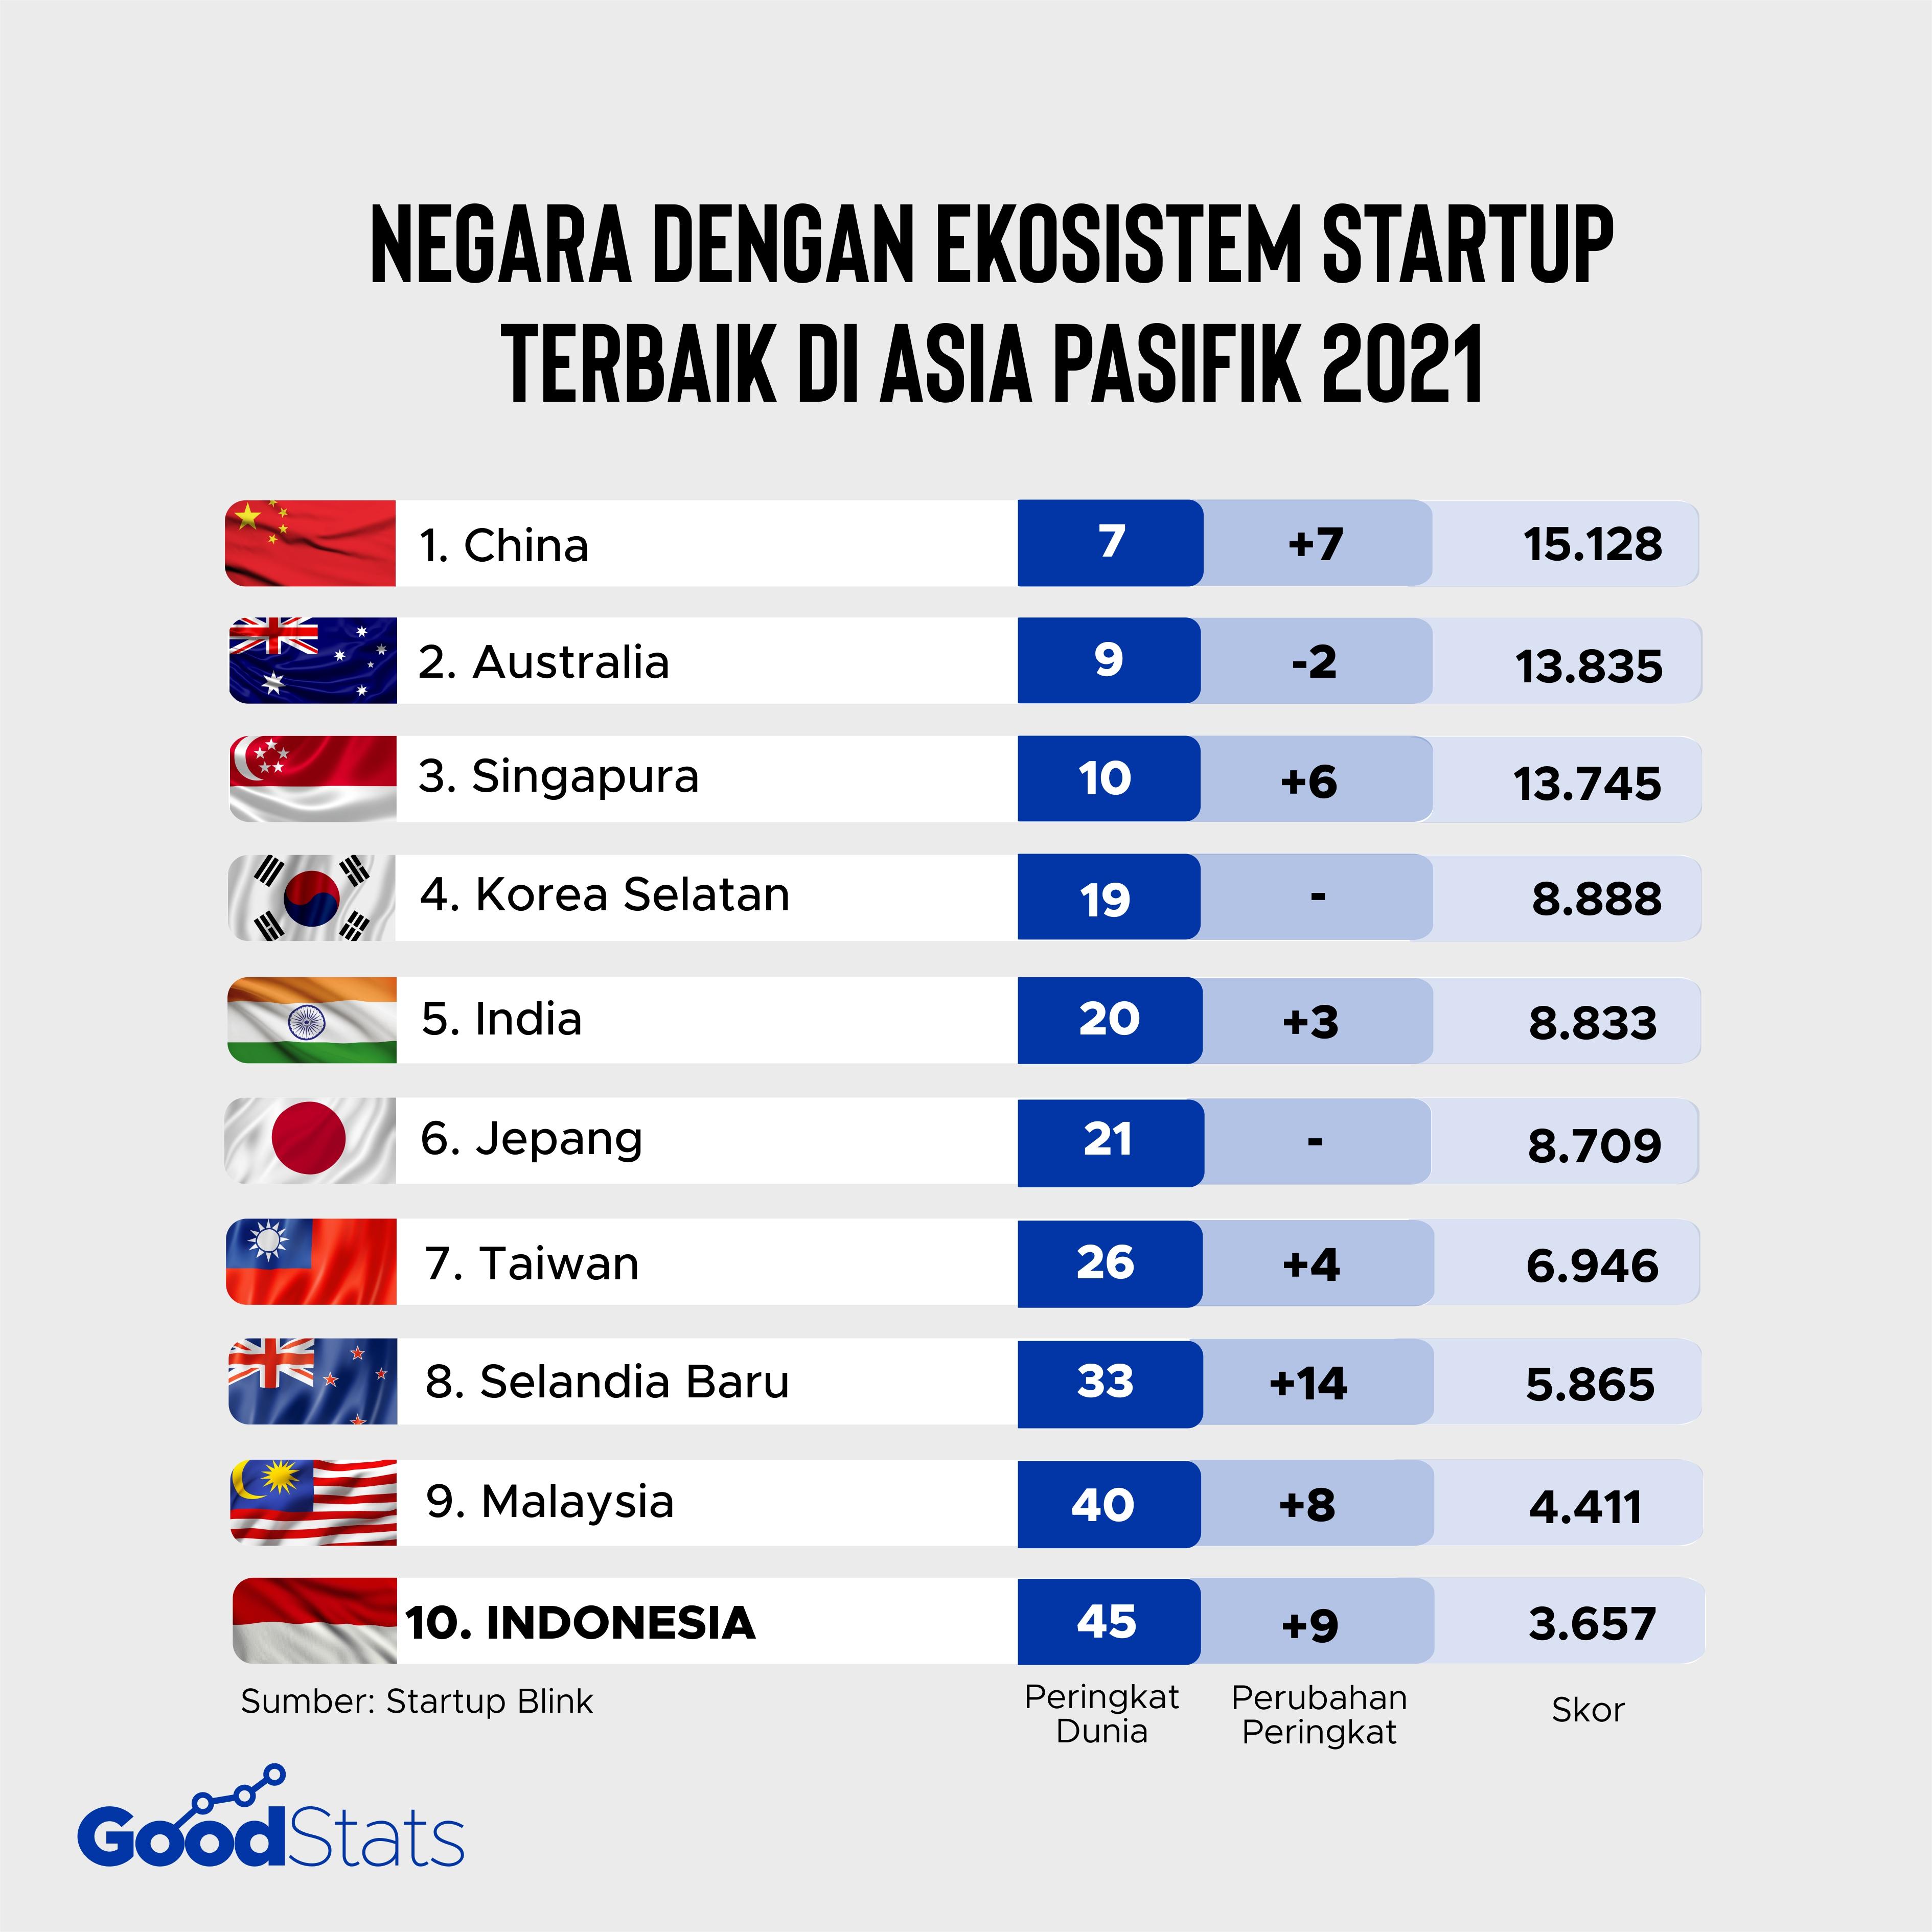 10 Negara dengan Ekosistem Startup Terbaik di Asia Pasifik | Good News From Indonesia